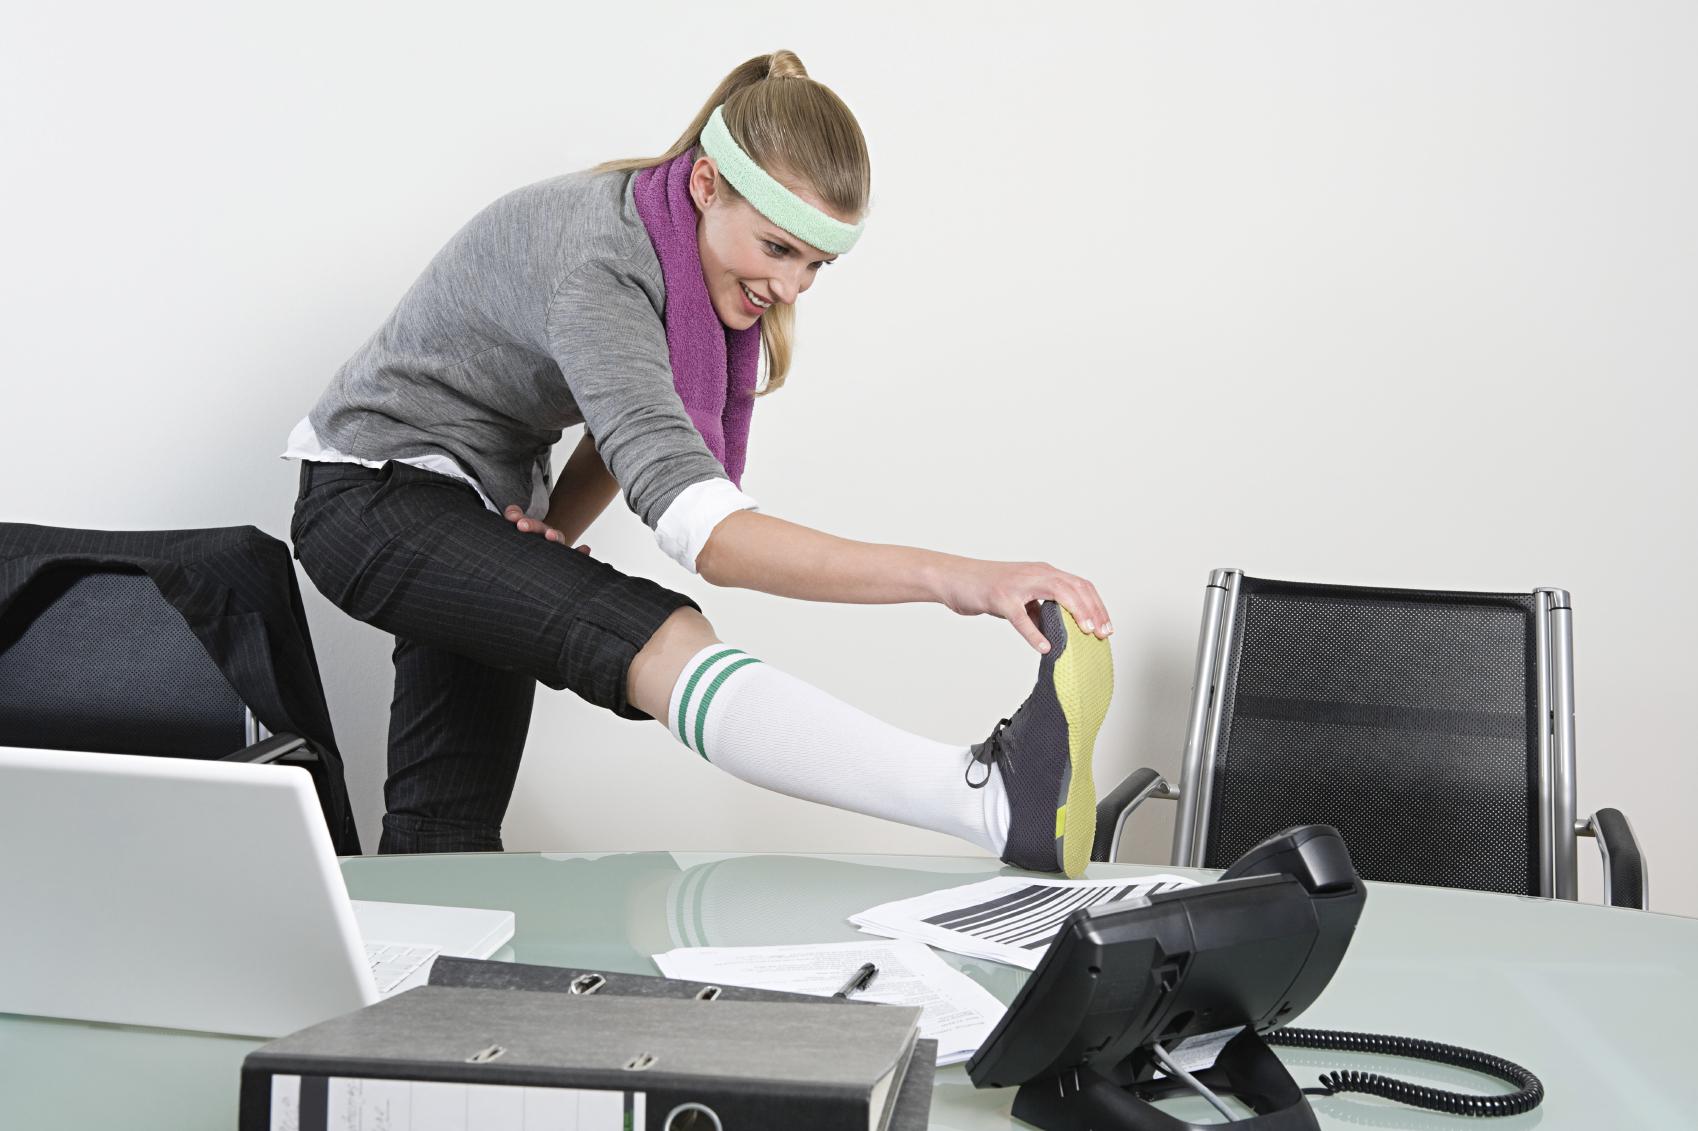 Un'impiegata che fa palestra in orario di ufficio, esempio classico di welfare aziendale.